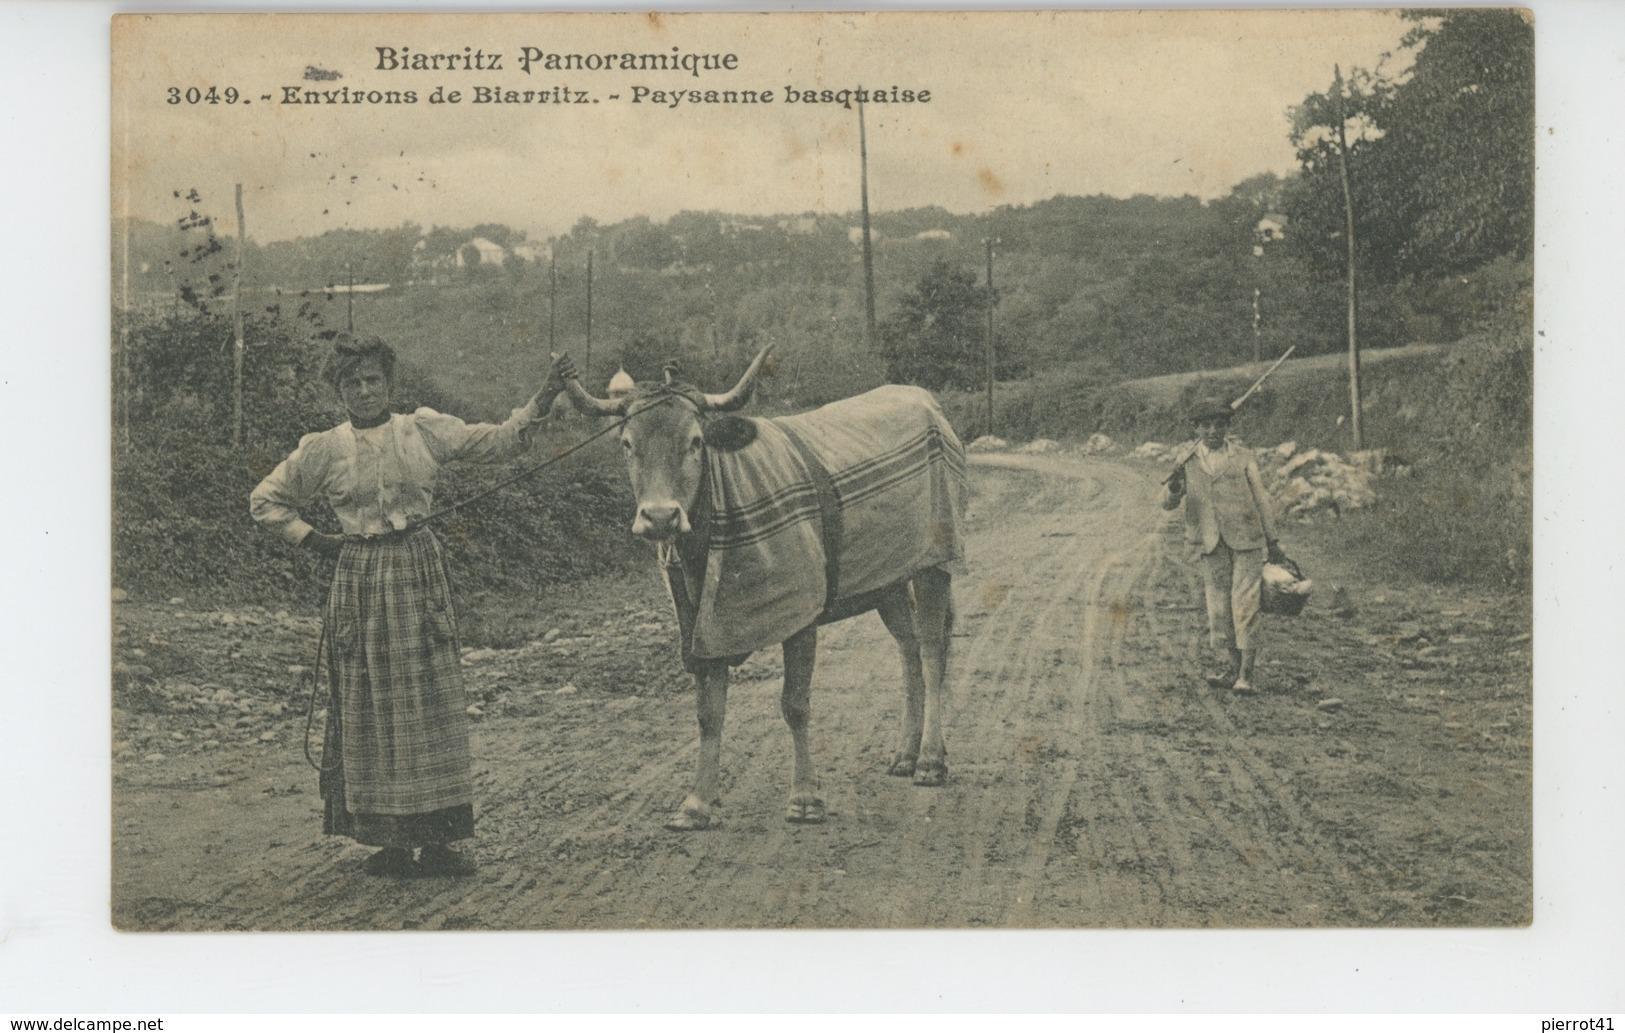 BIARRITZ (environs) - Paysage Basquaise - Biarritz